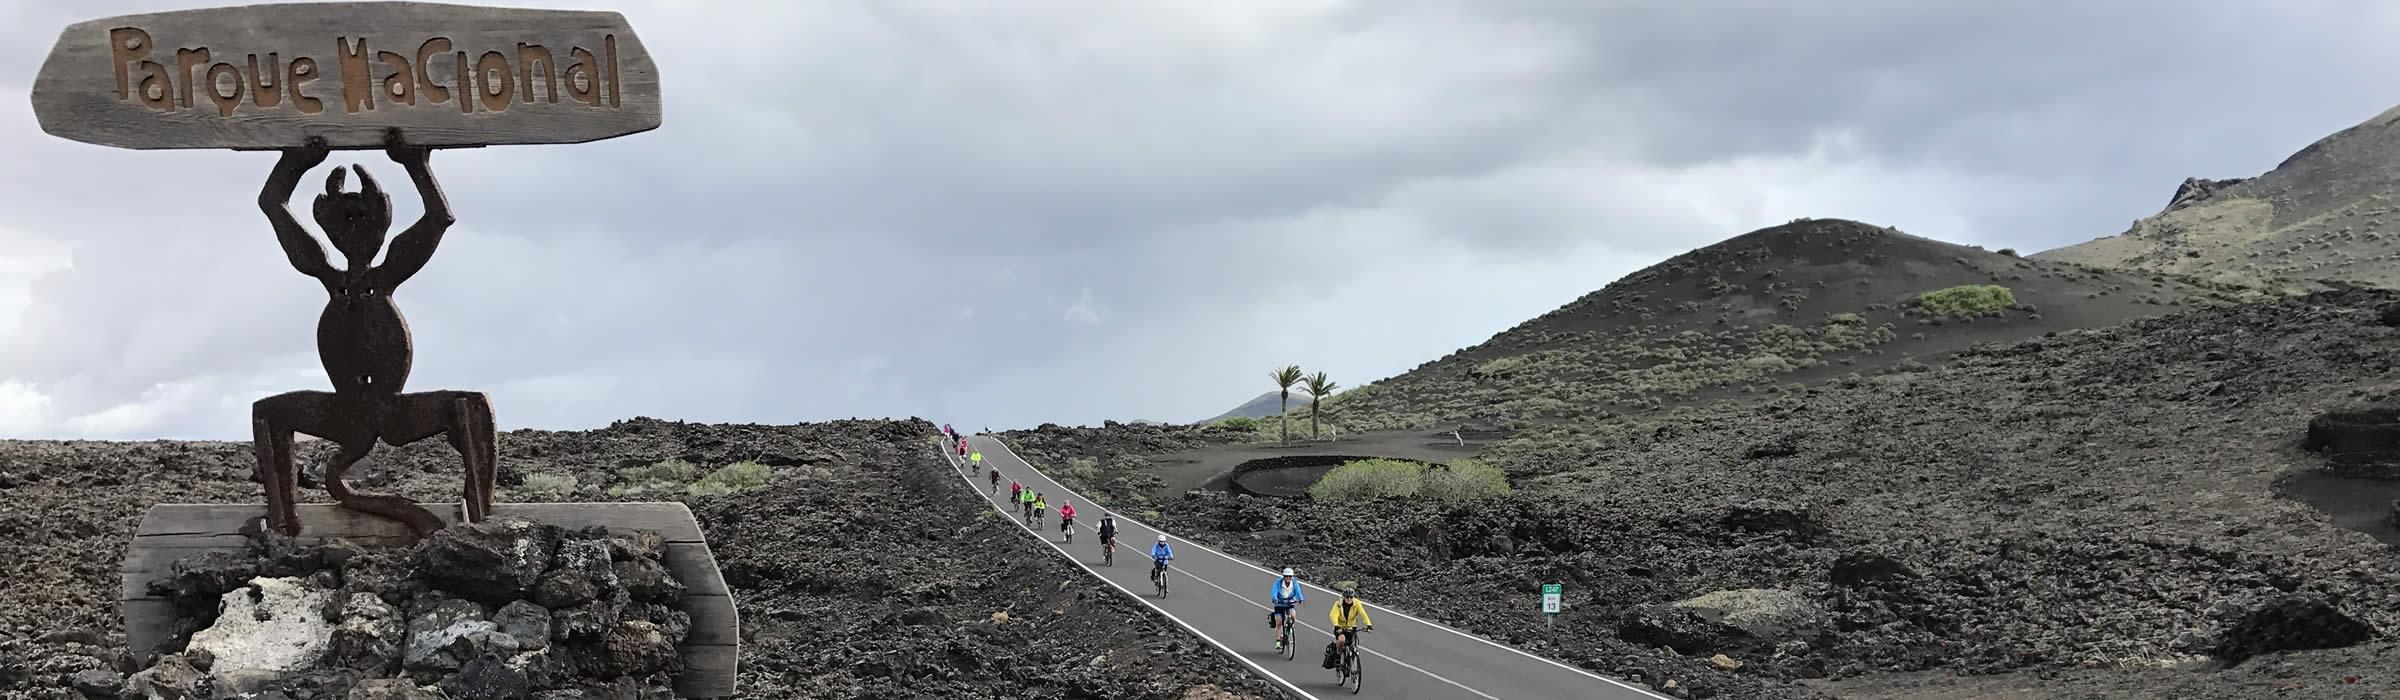 route-touristique-lanzarote-ebike